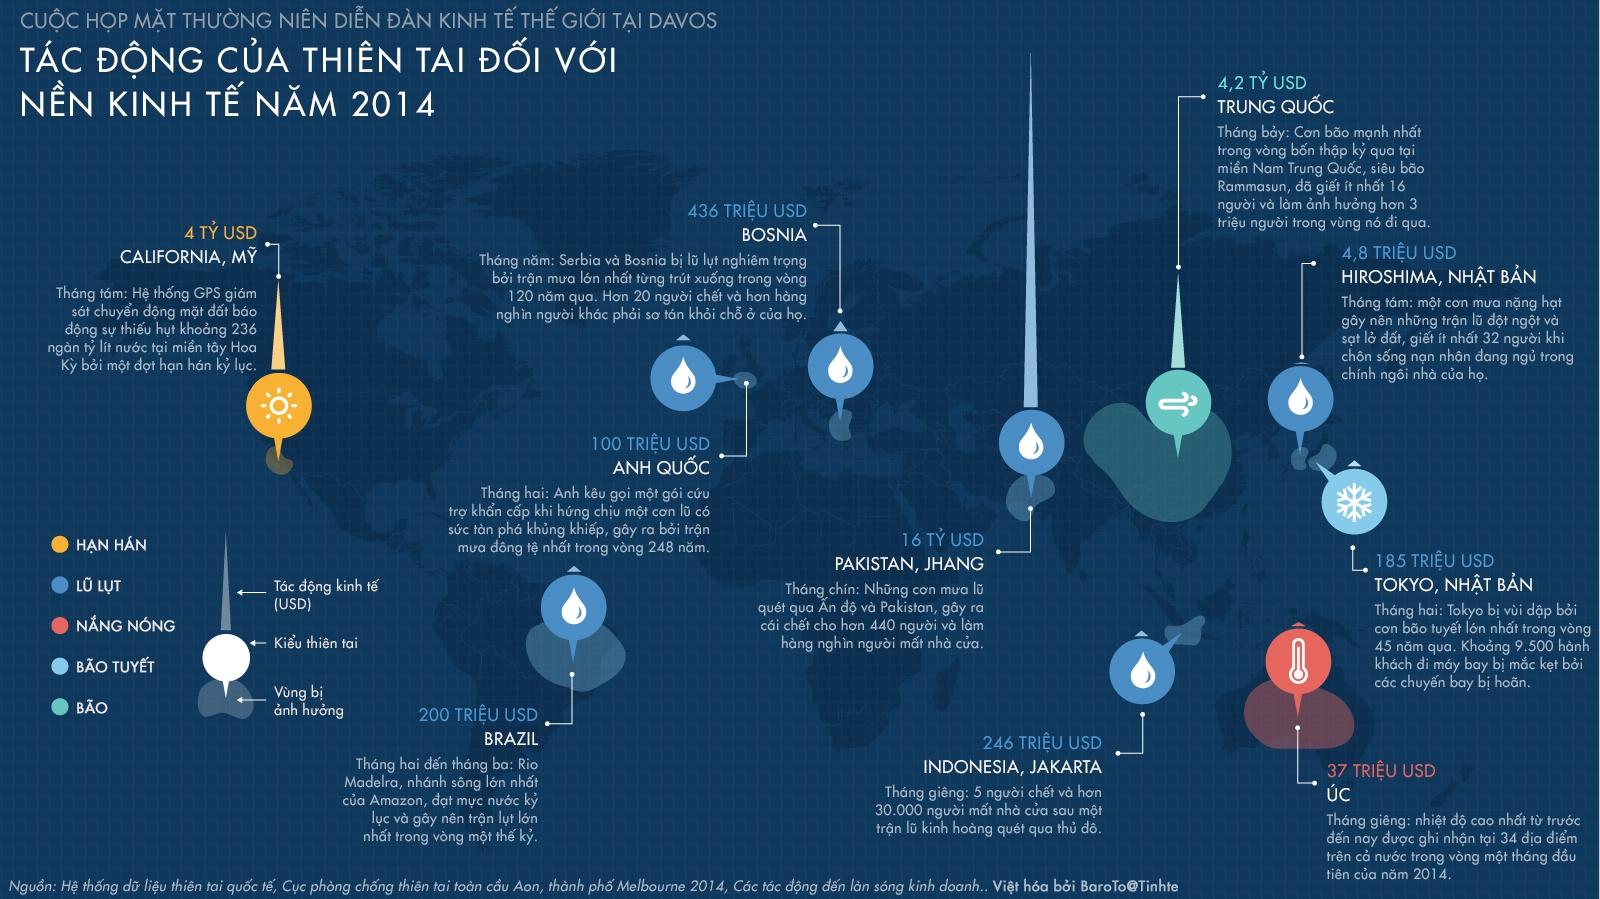 [Infographic] Tác động của thiên tai đối với nền kinh tế thế giới năm 2014